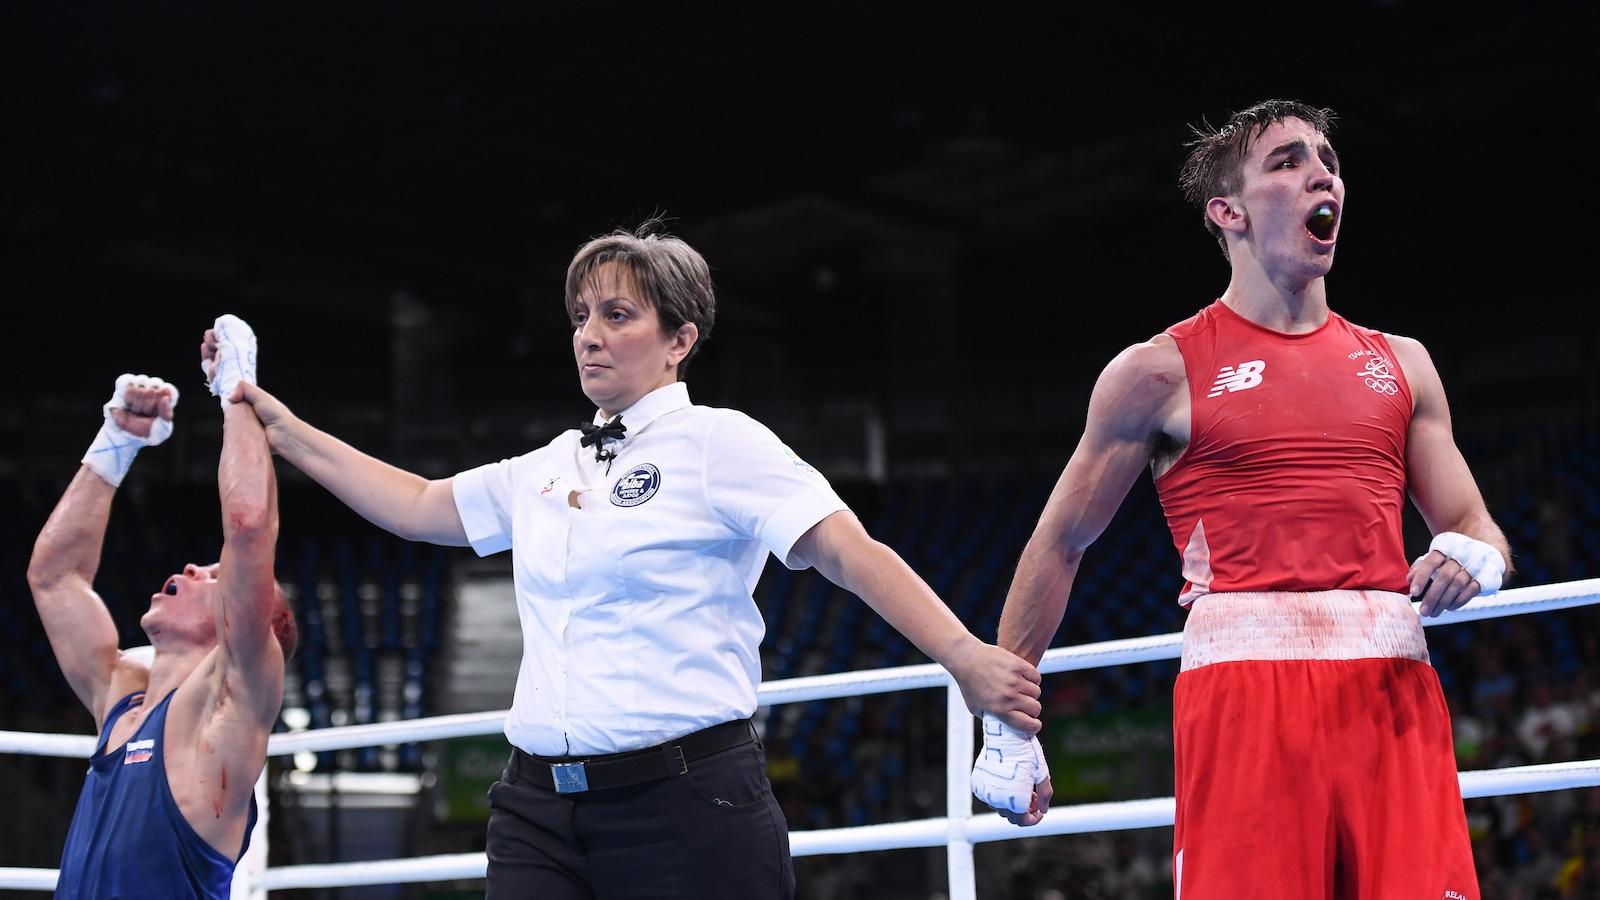 L'arbitre lève le bras du Russe Vladimir Nikitin à la stupéfaction de l'Irlandais Michael Conlan.